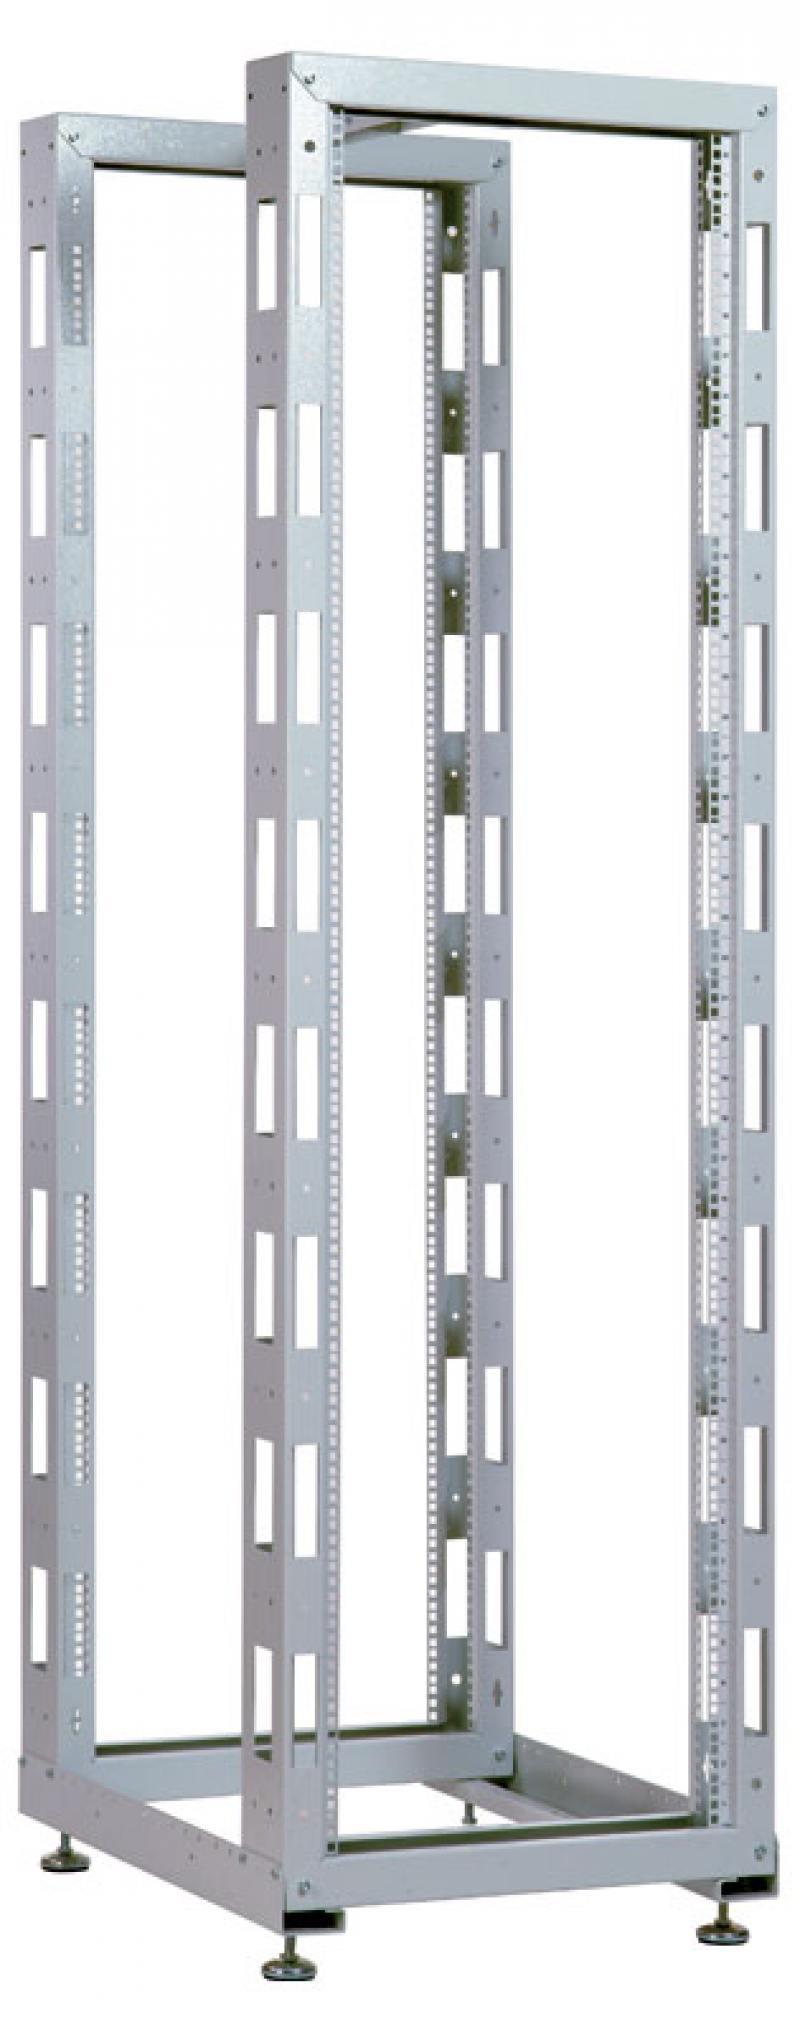 Стойка телекоммуникационная универсальная двухрамная 42U ЦМО СТК-42.2